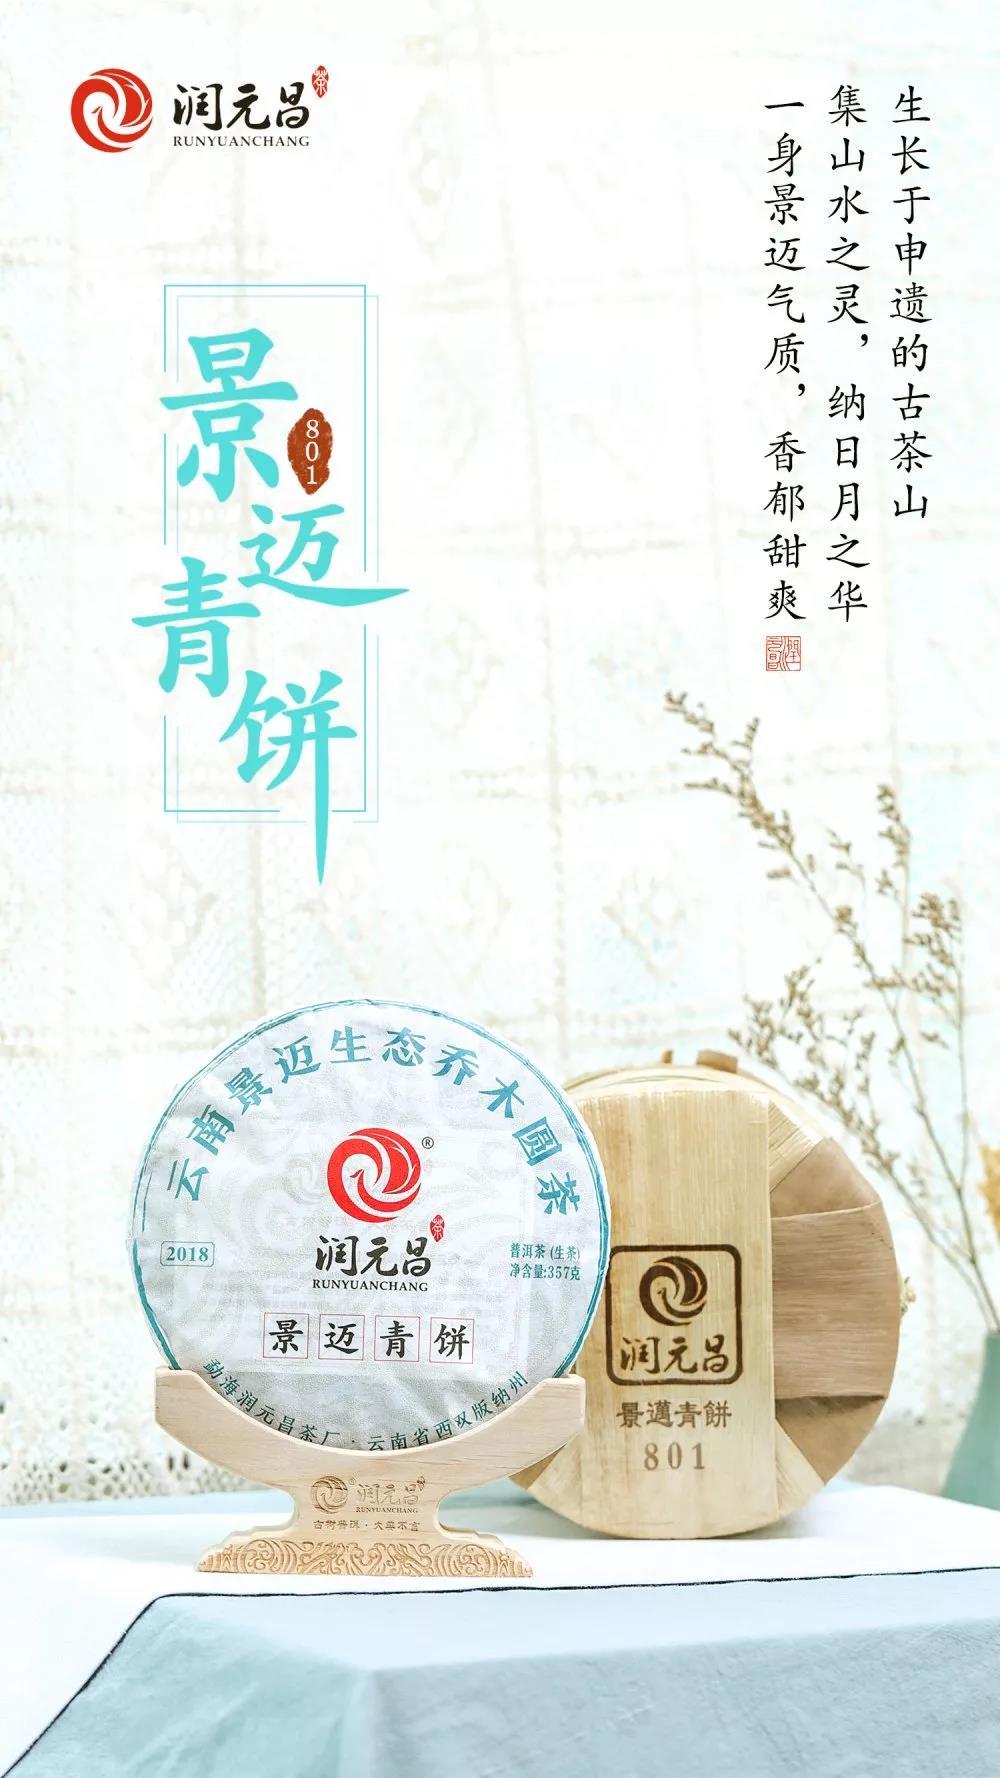 潤元昌景邁青餅